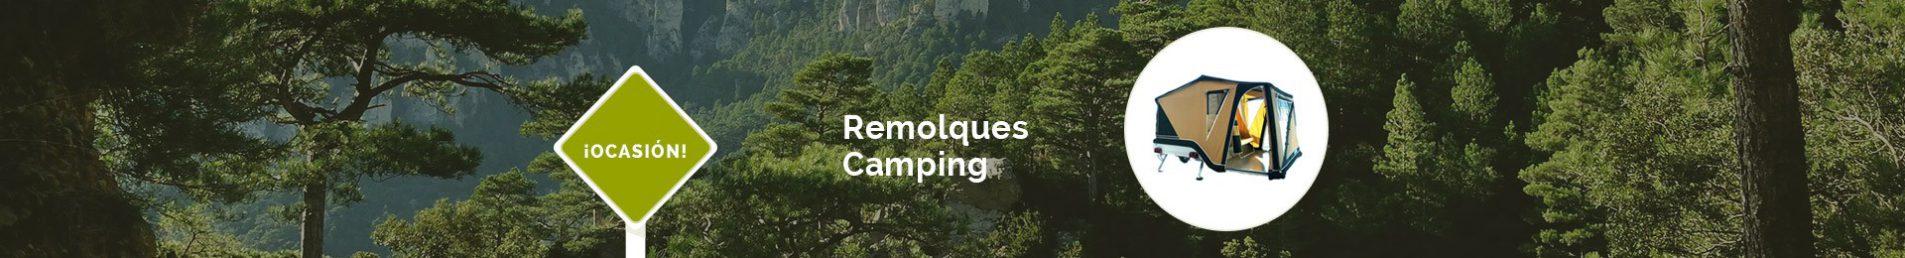 (ES) Remolques Camping